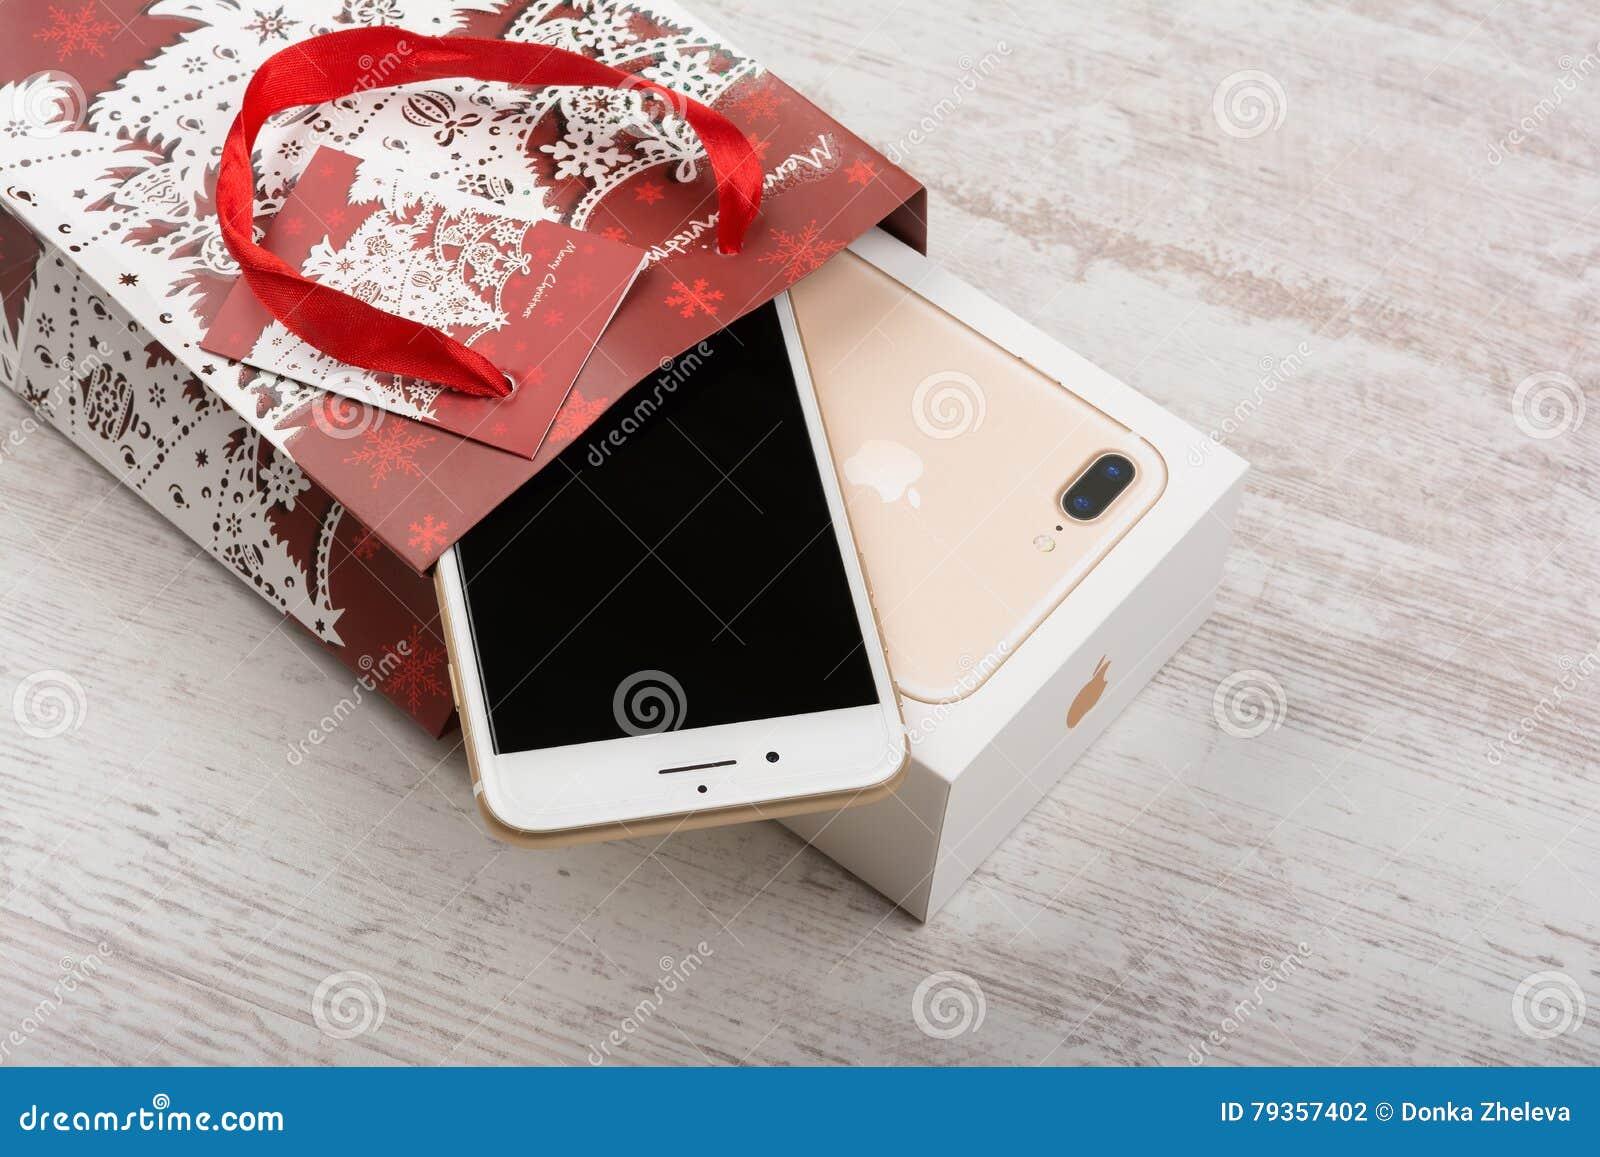 Фото айфона в подарок